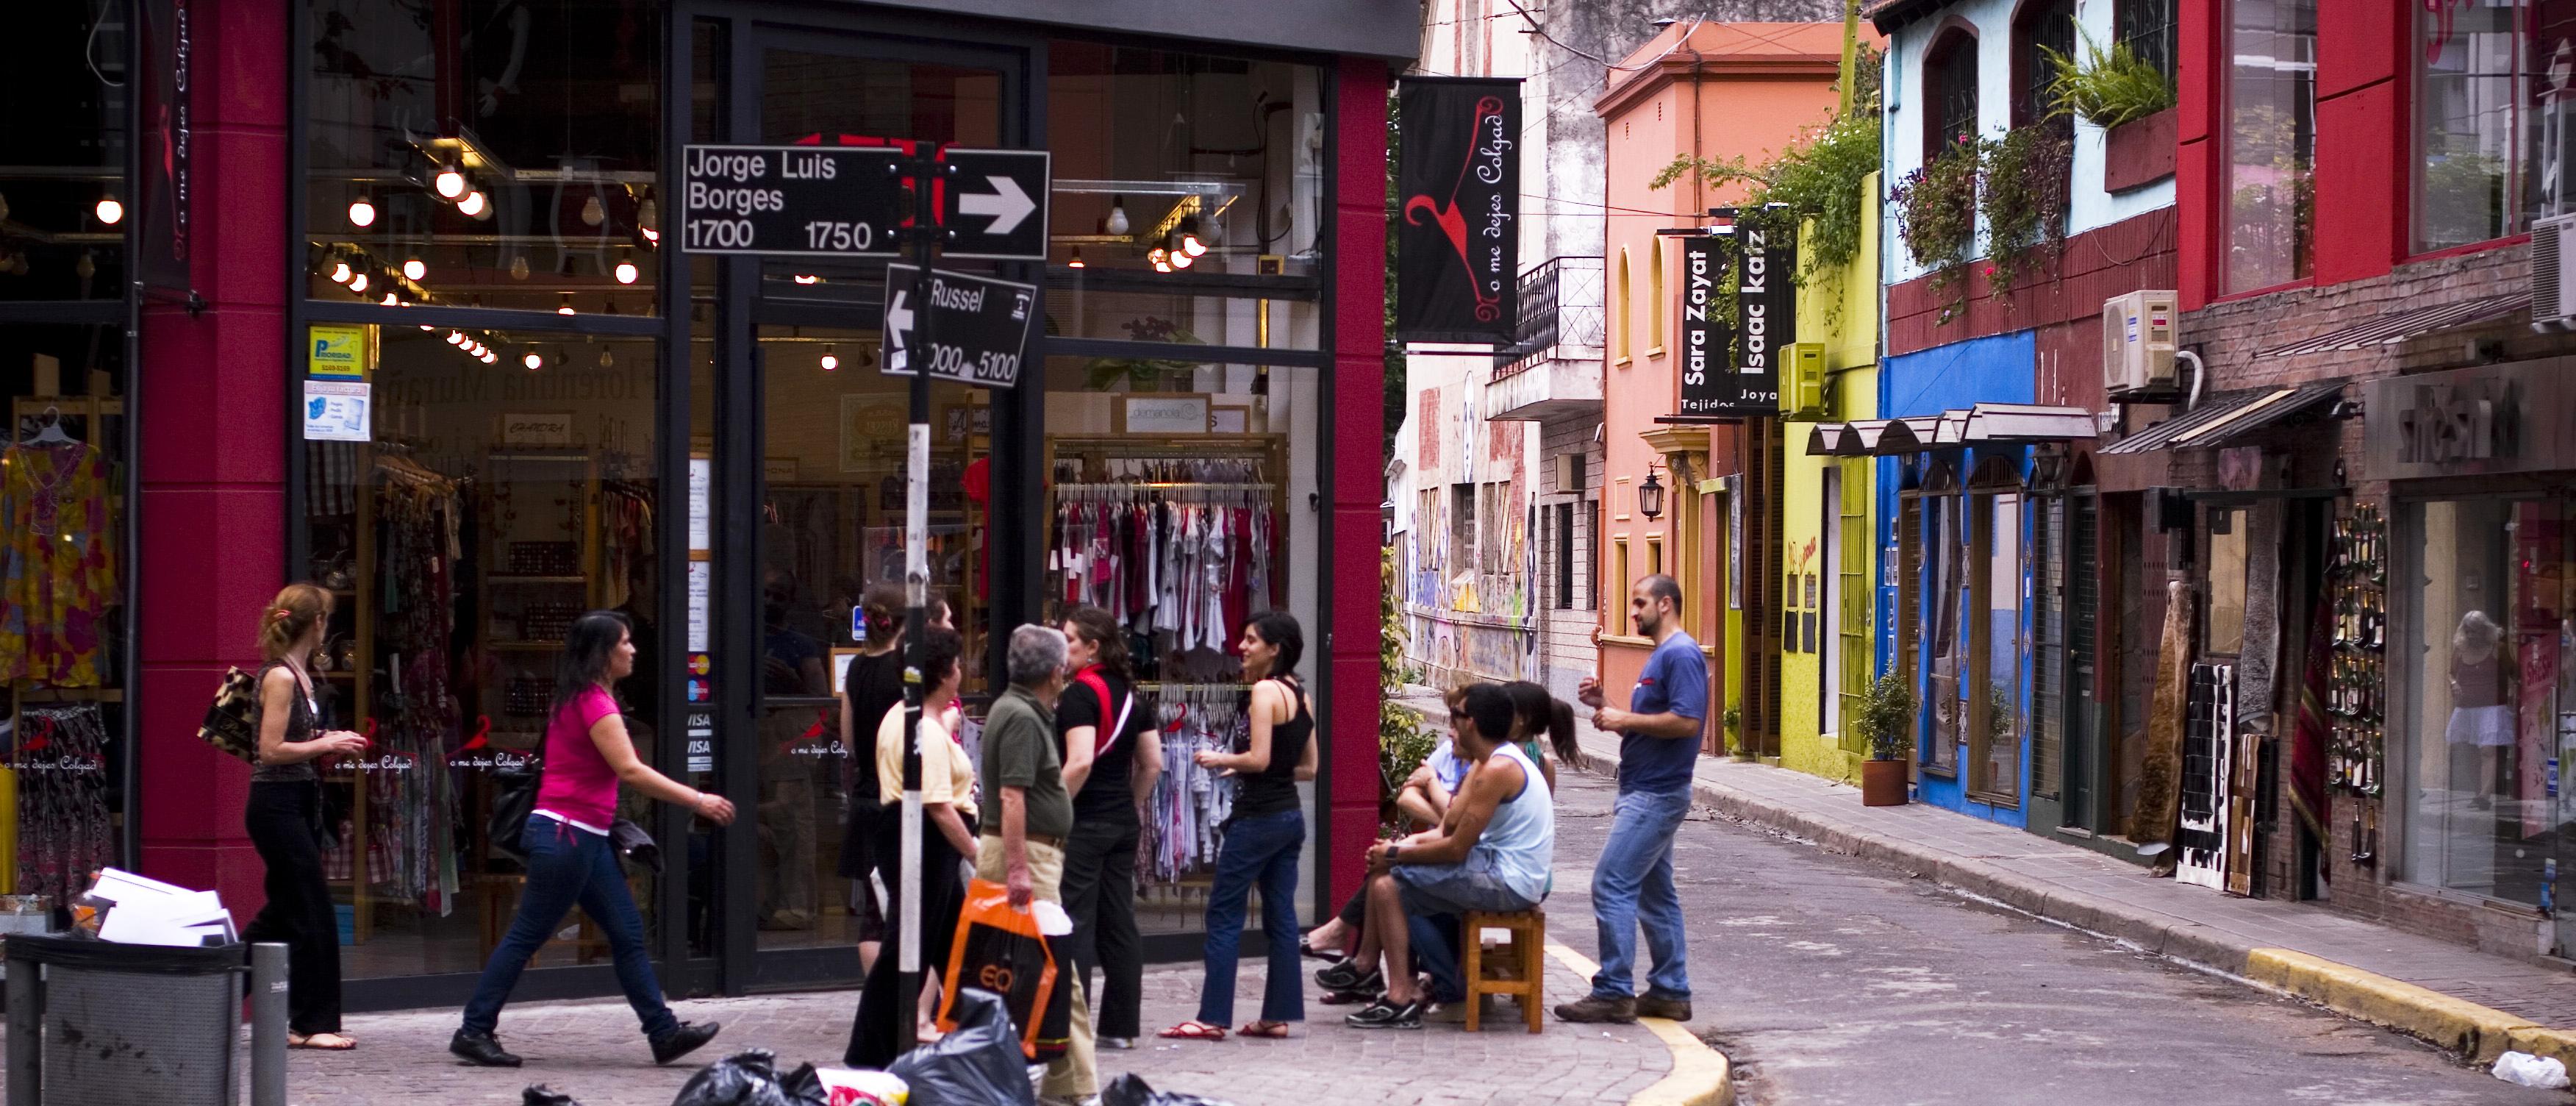 Uma esquinita charmosa no bairro de Palermo Viejo, Buenos Aires